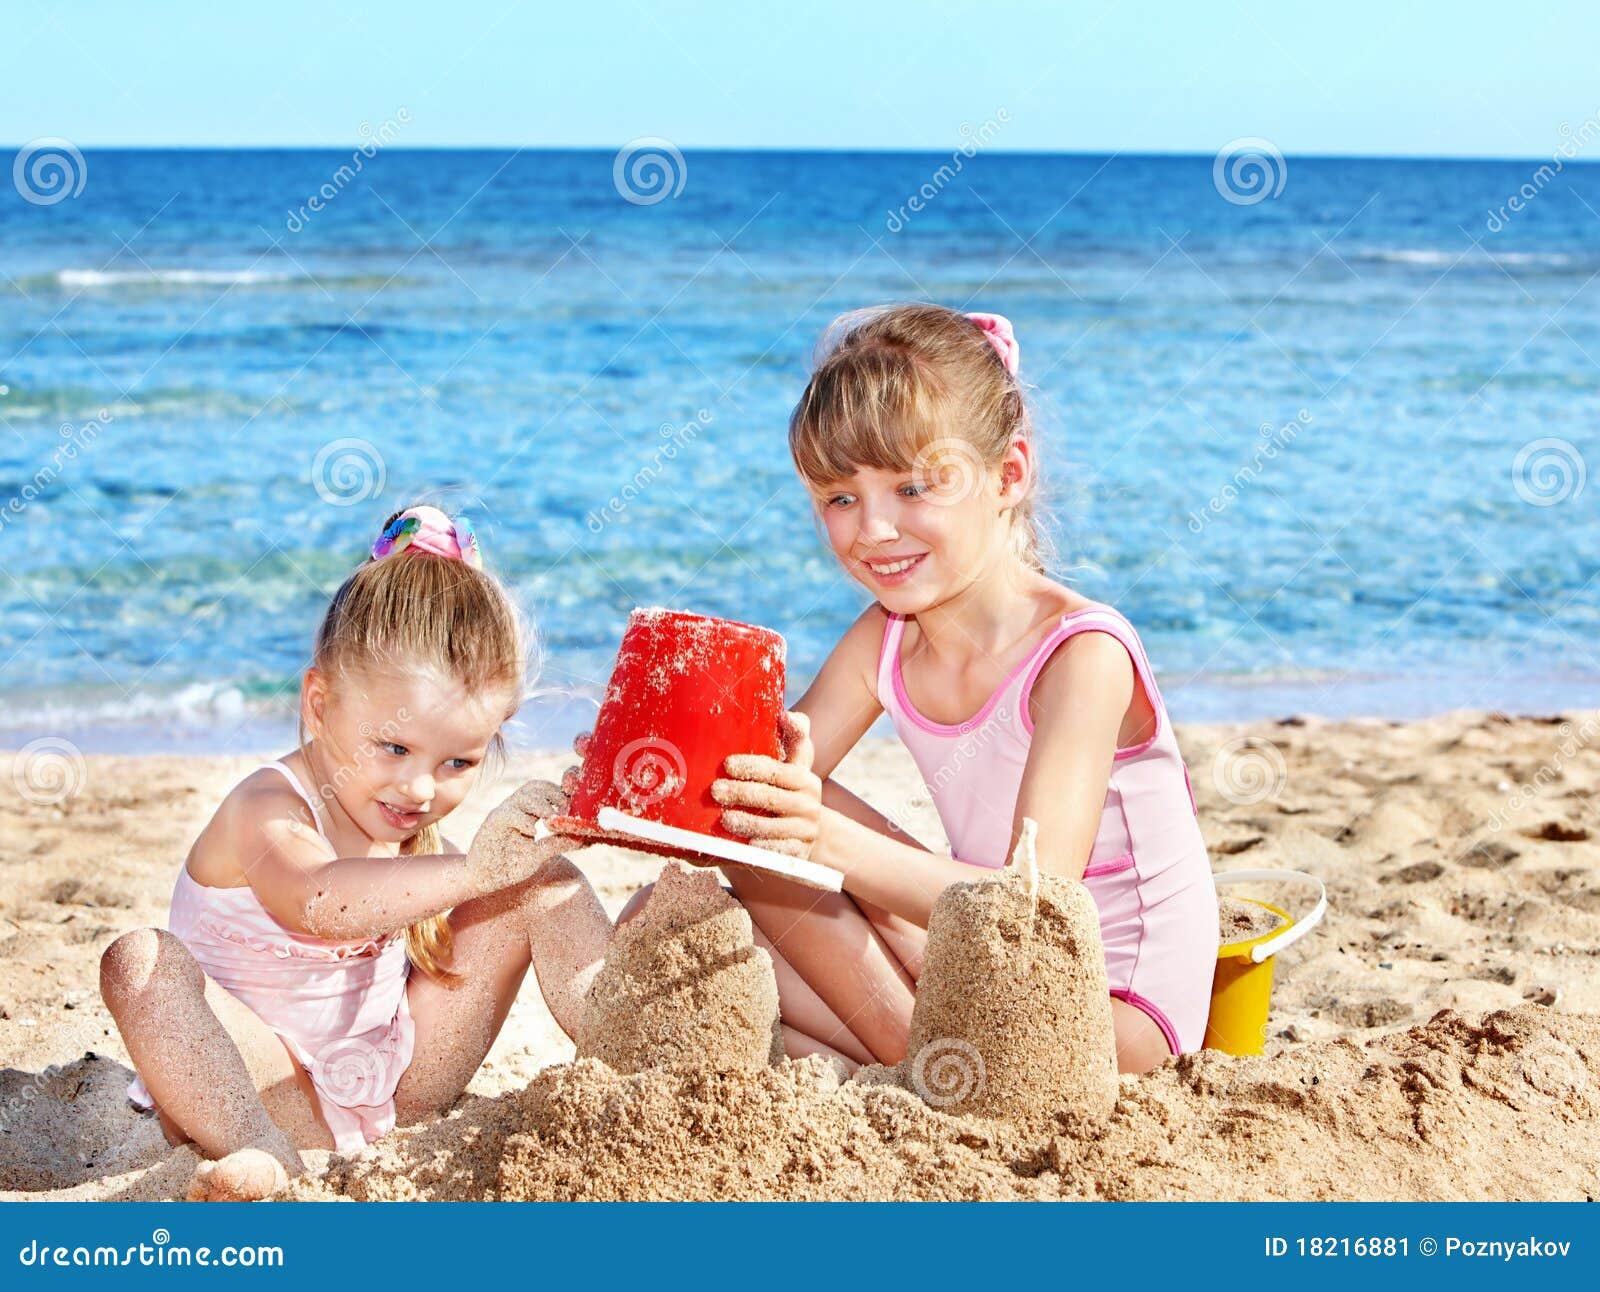 Фото маленькие девочки на пляже 15 фотография